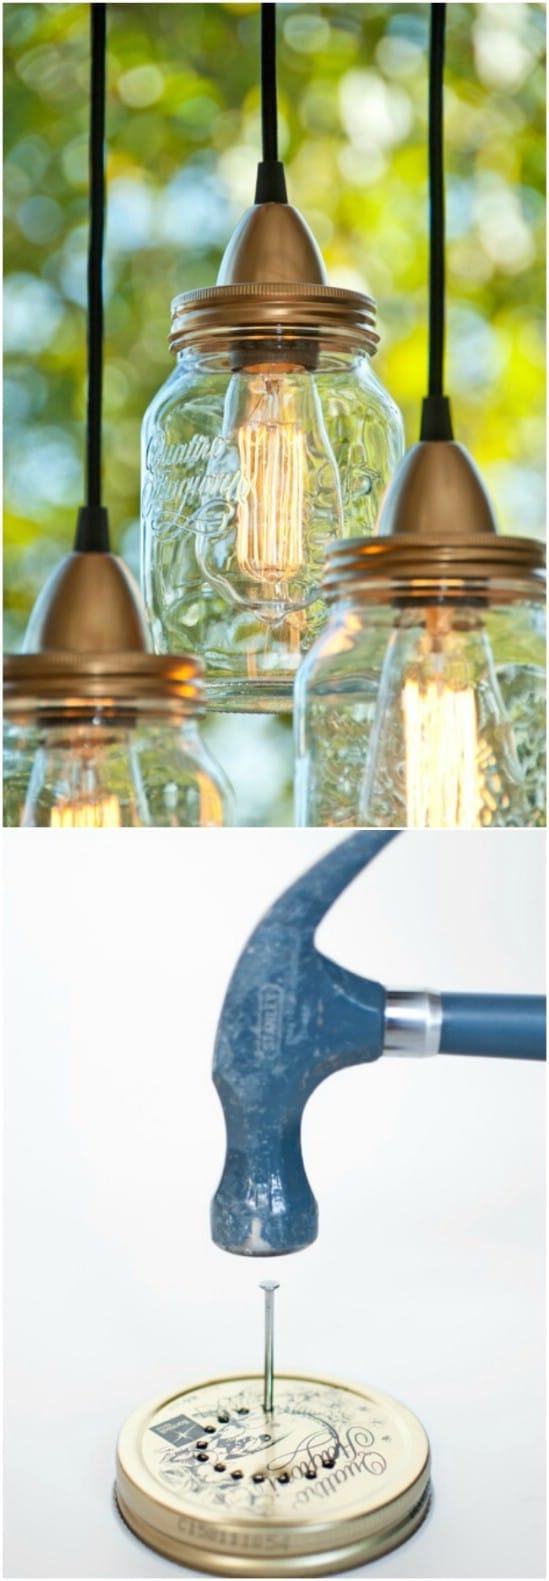 DIY Jar Lamps